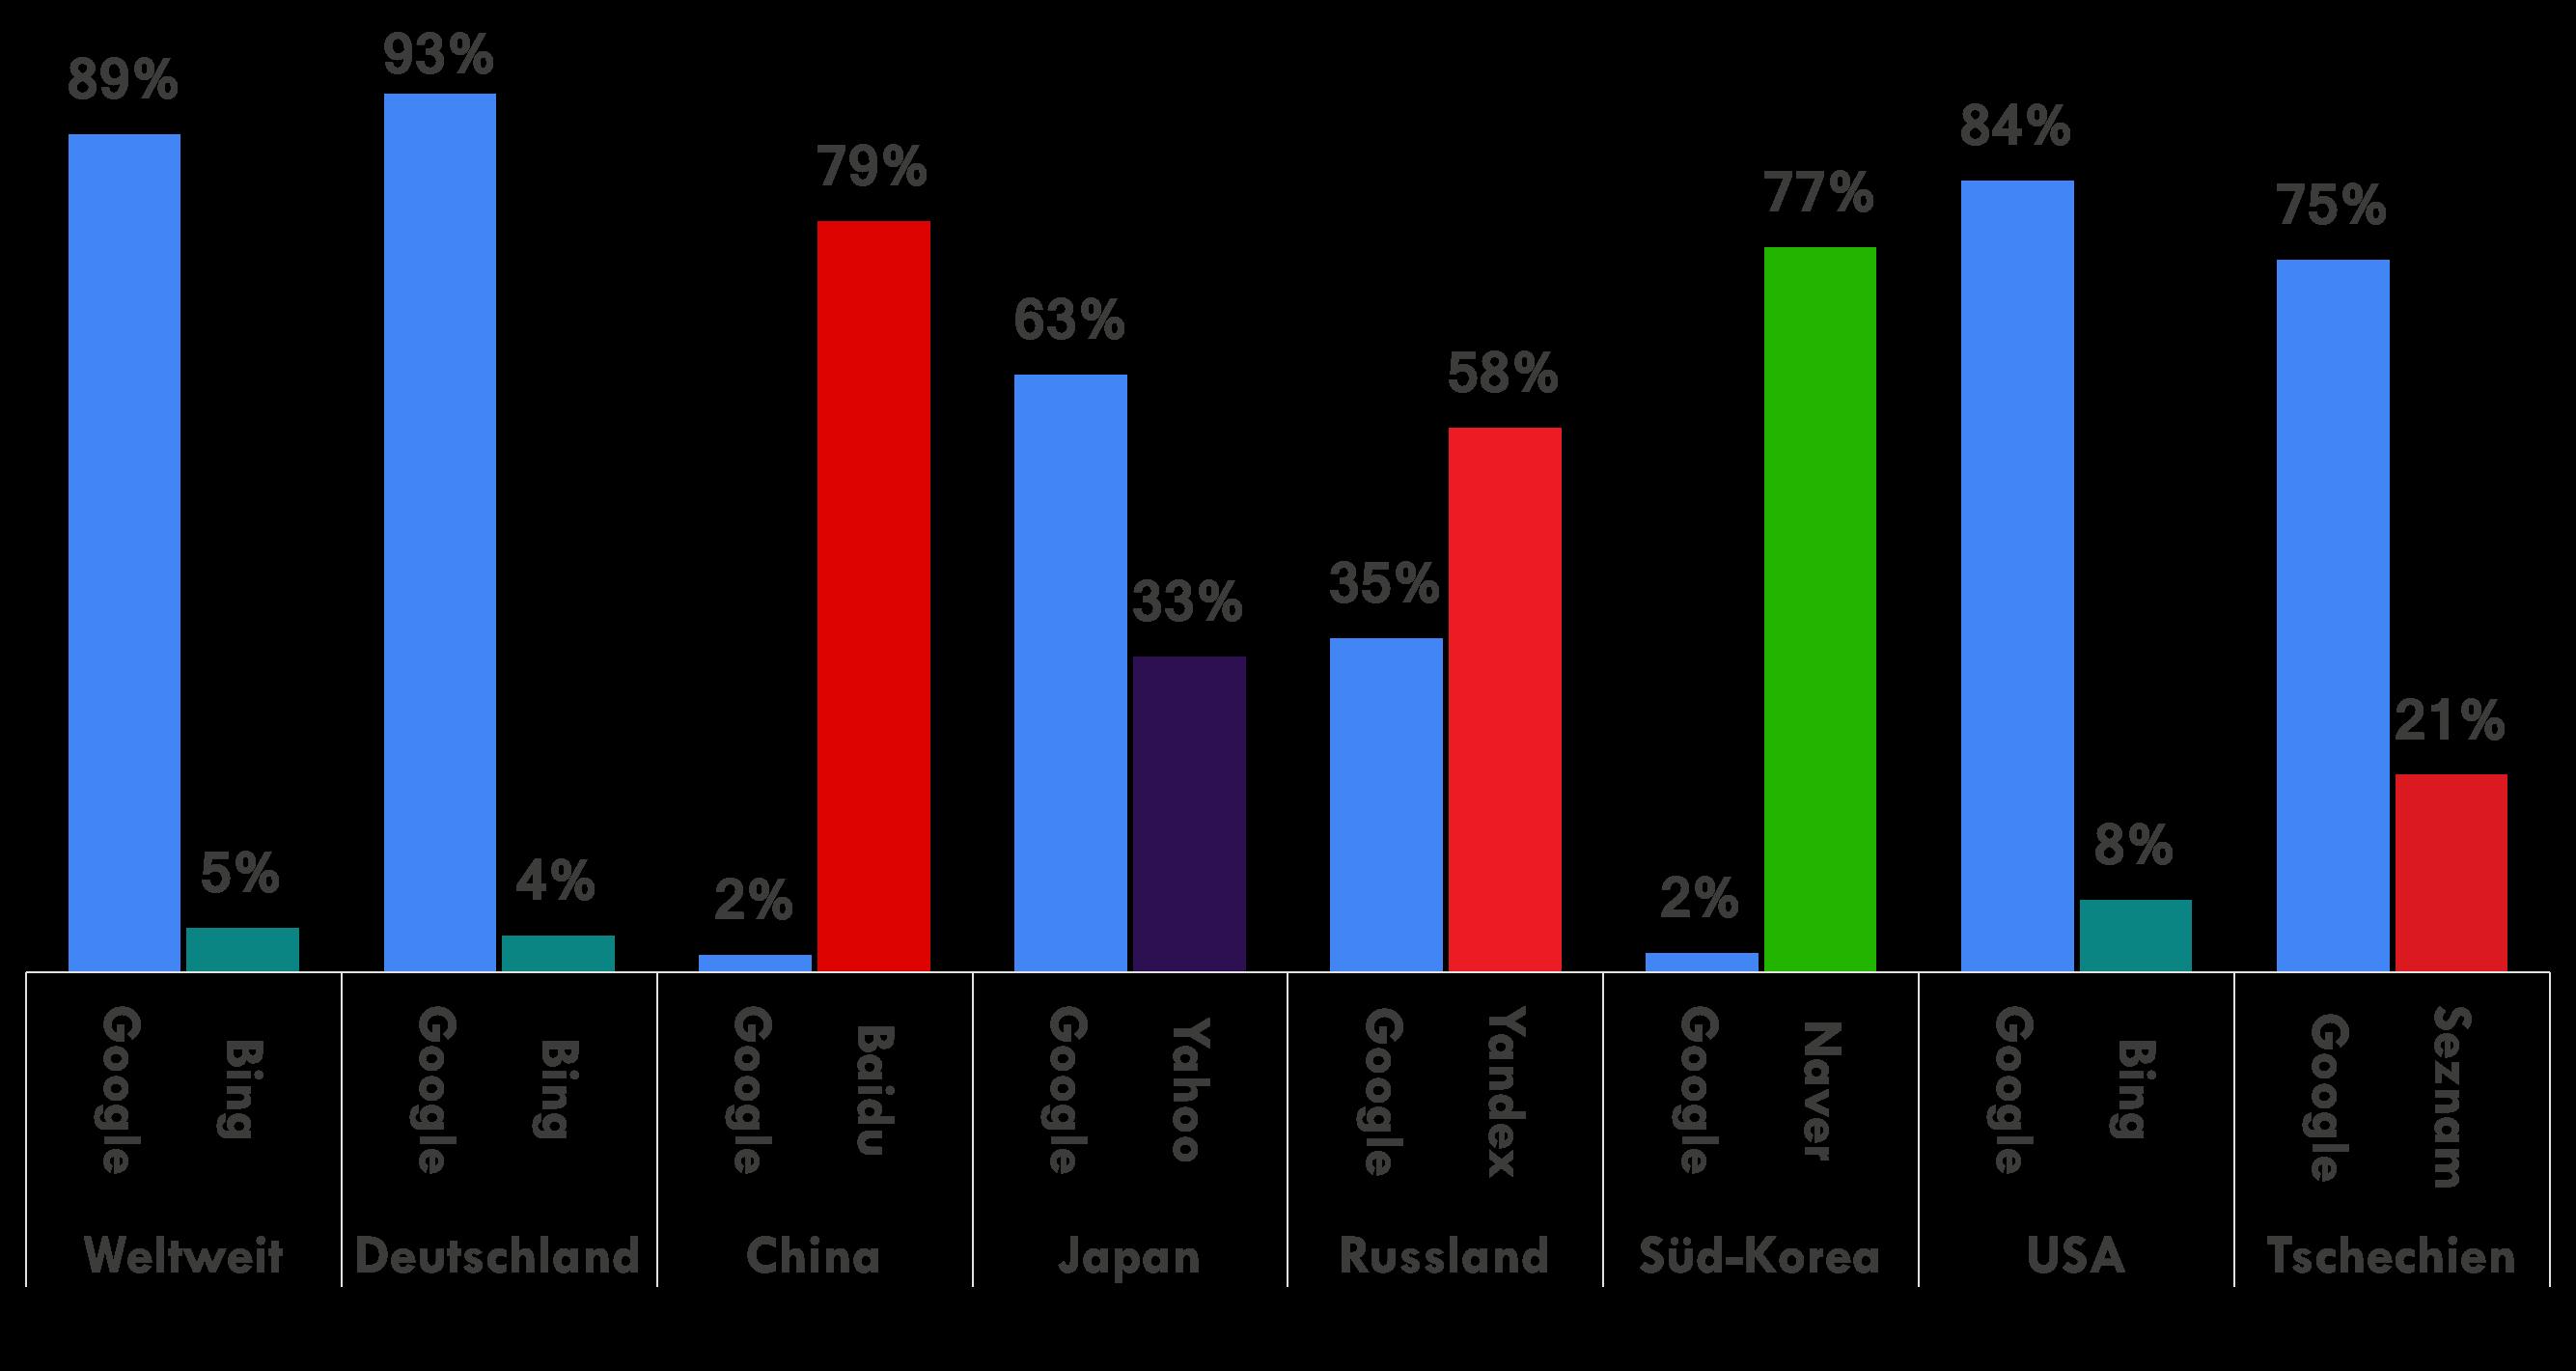 Googles Marktanteil im Vergleich zu seinen stärksten Konkurrenten in verschiedenen Ländern